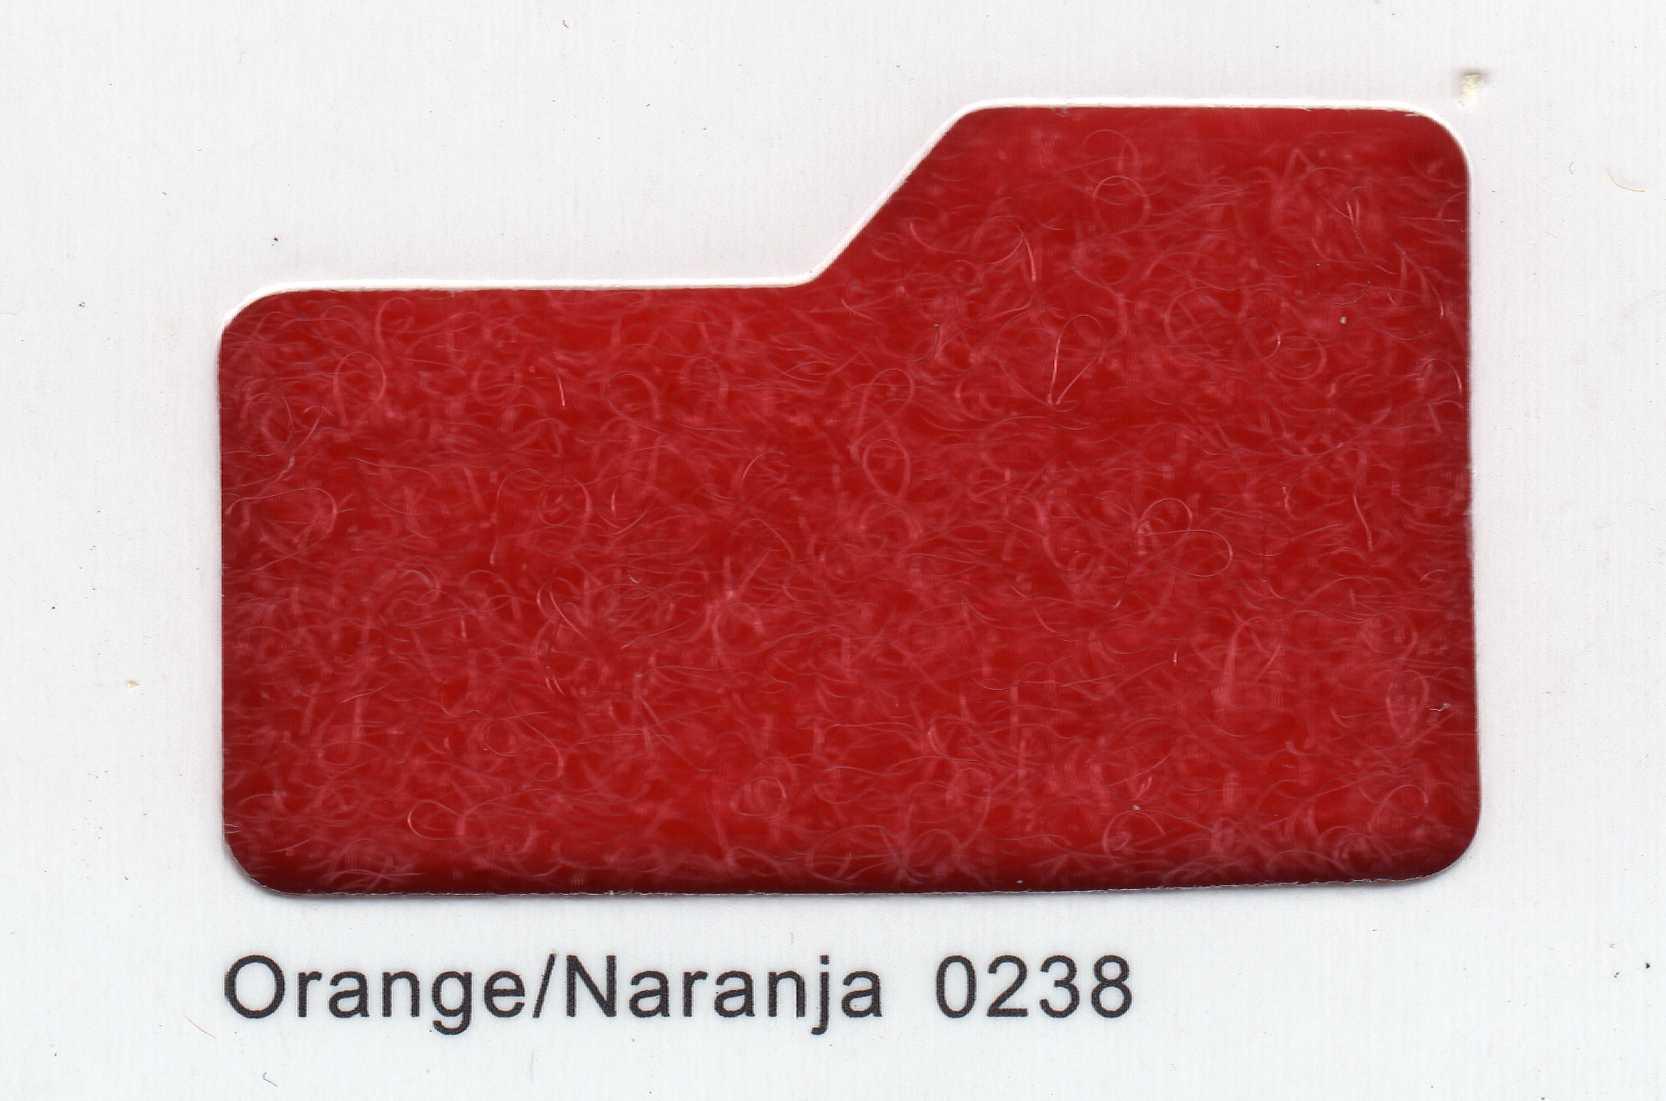 Cinta de cierre Velcro-Veraco 100mm Naranja 0238 (Gancho).